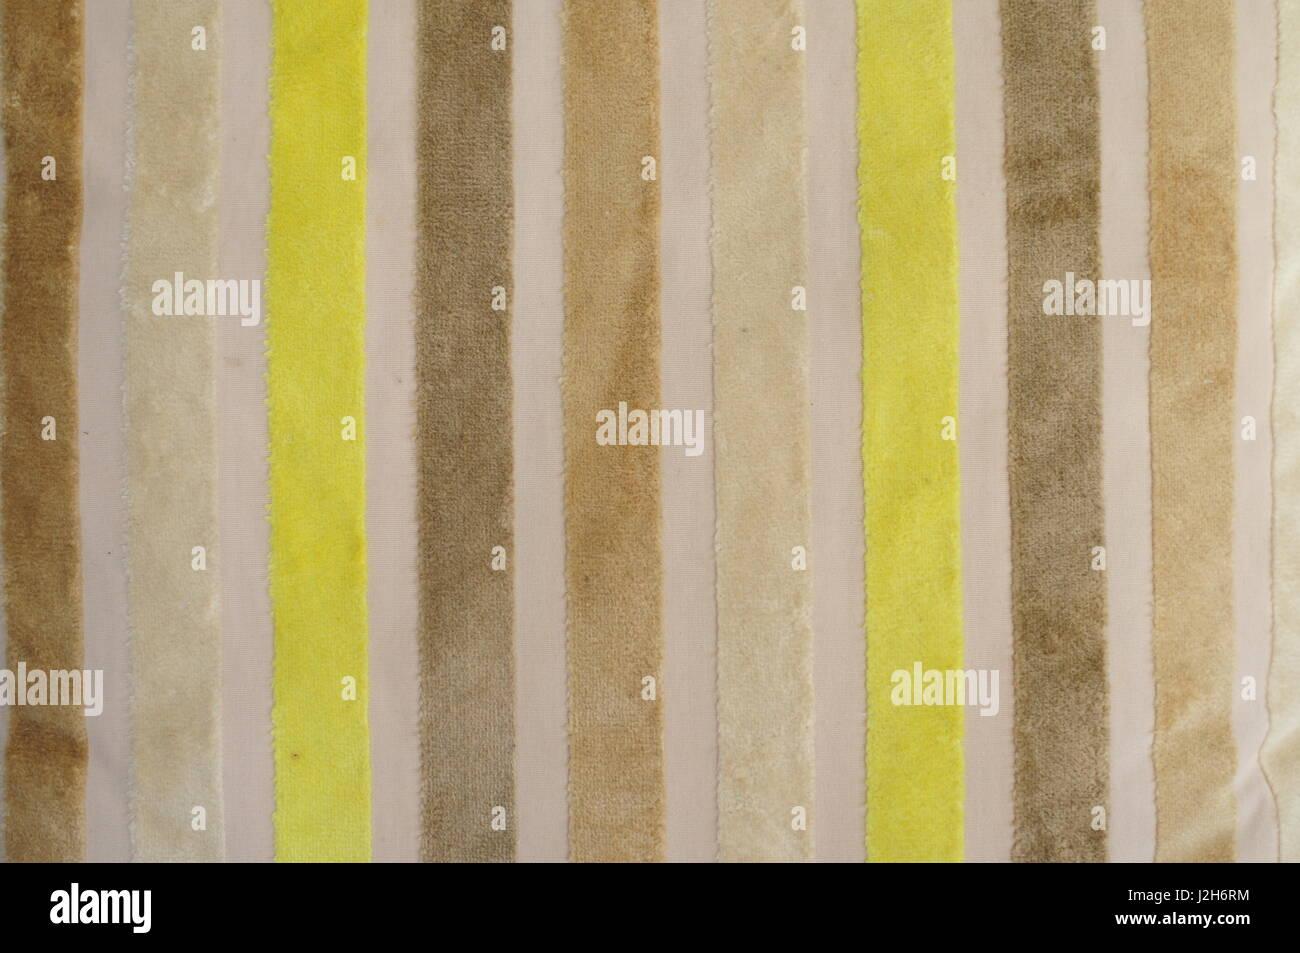 colored velvet stripes - Stock Image